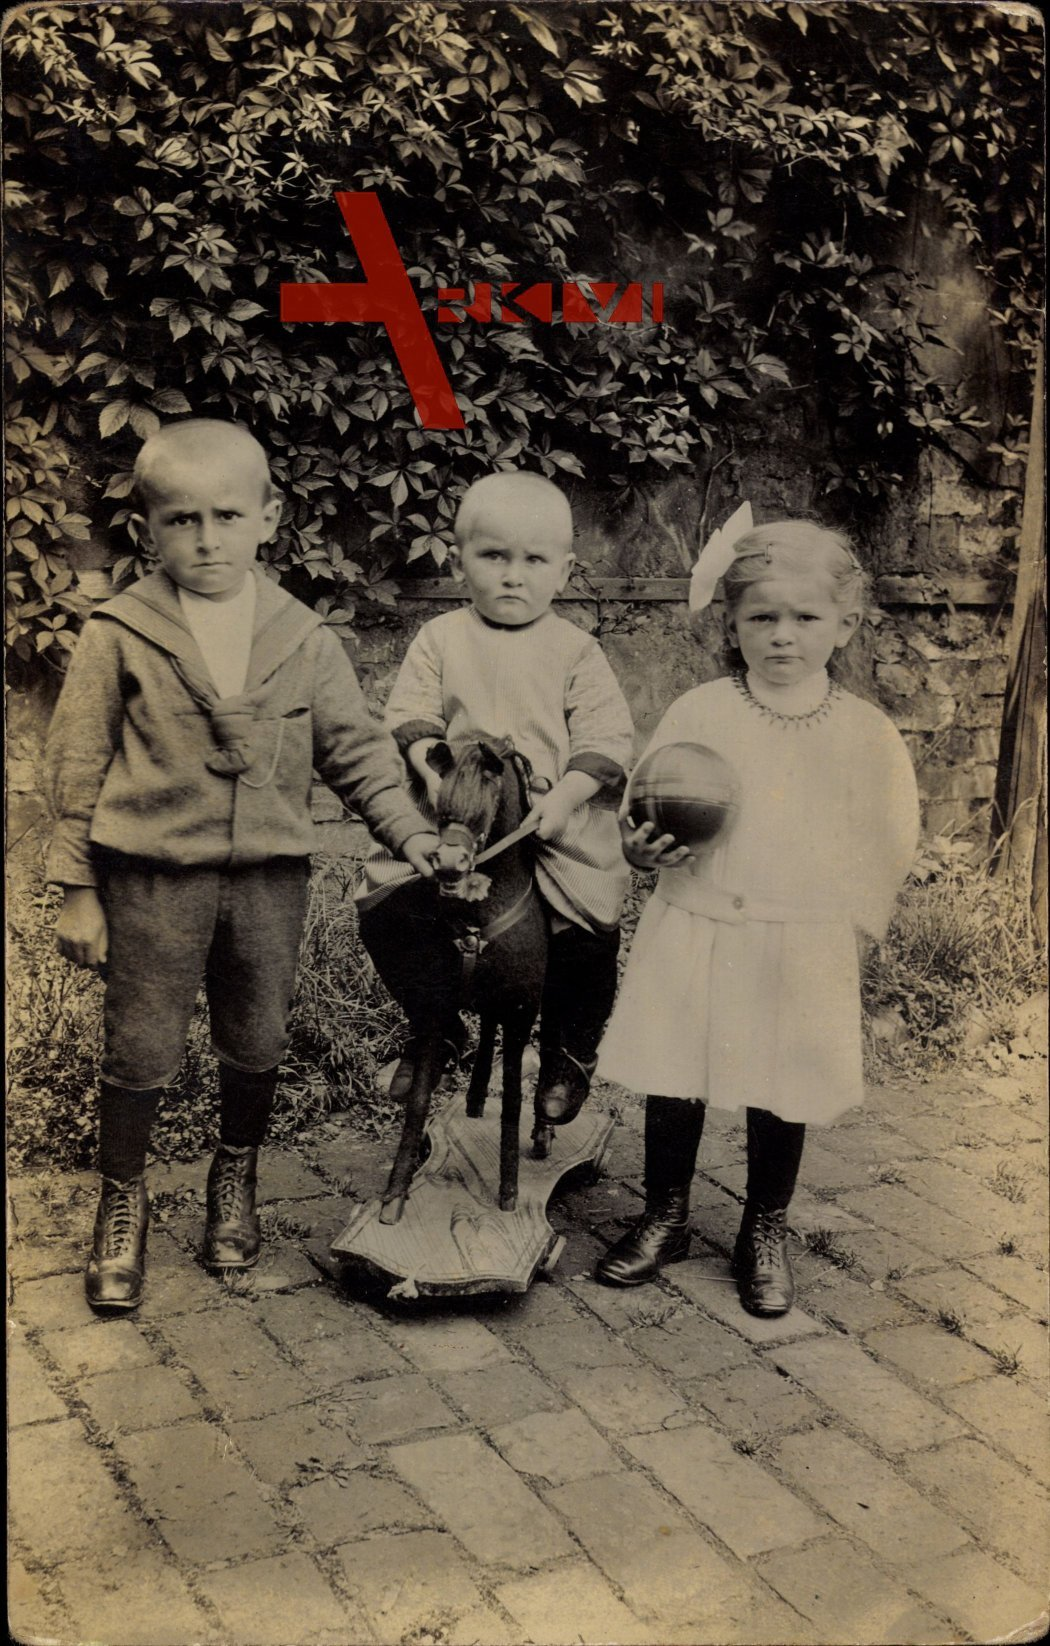 Drei kleine Kinder mit Spielzeug, Schaukelpferd, Ball